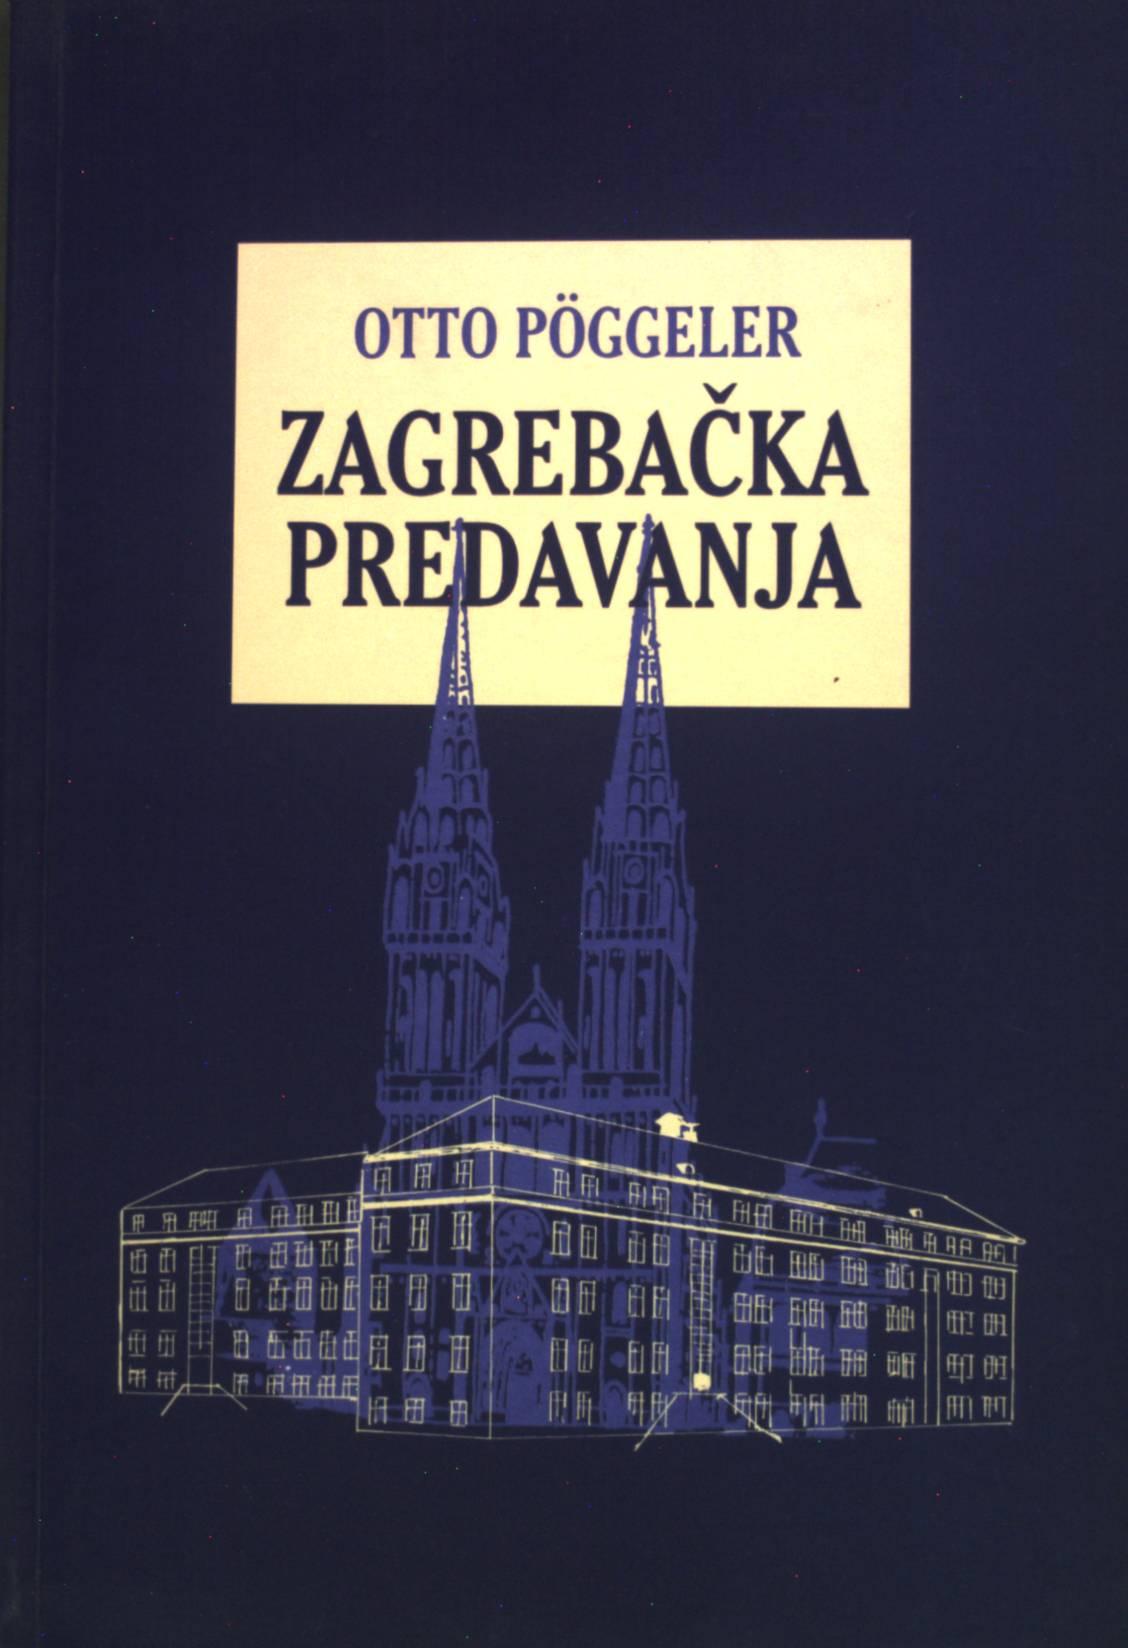 Zagrebacka Predavanja o Heideggeru i suvremenicima: Pöggeler, Otto: